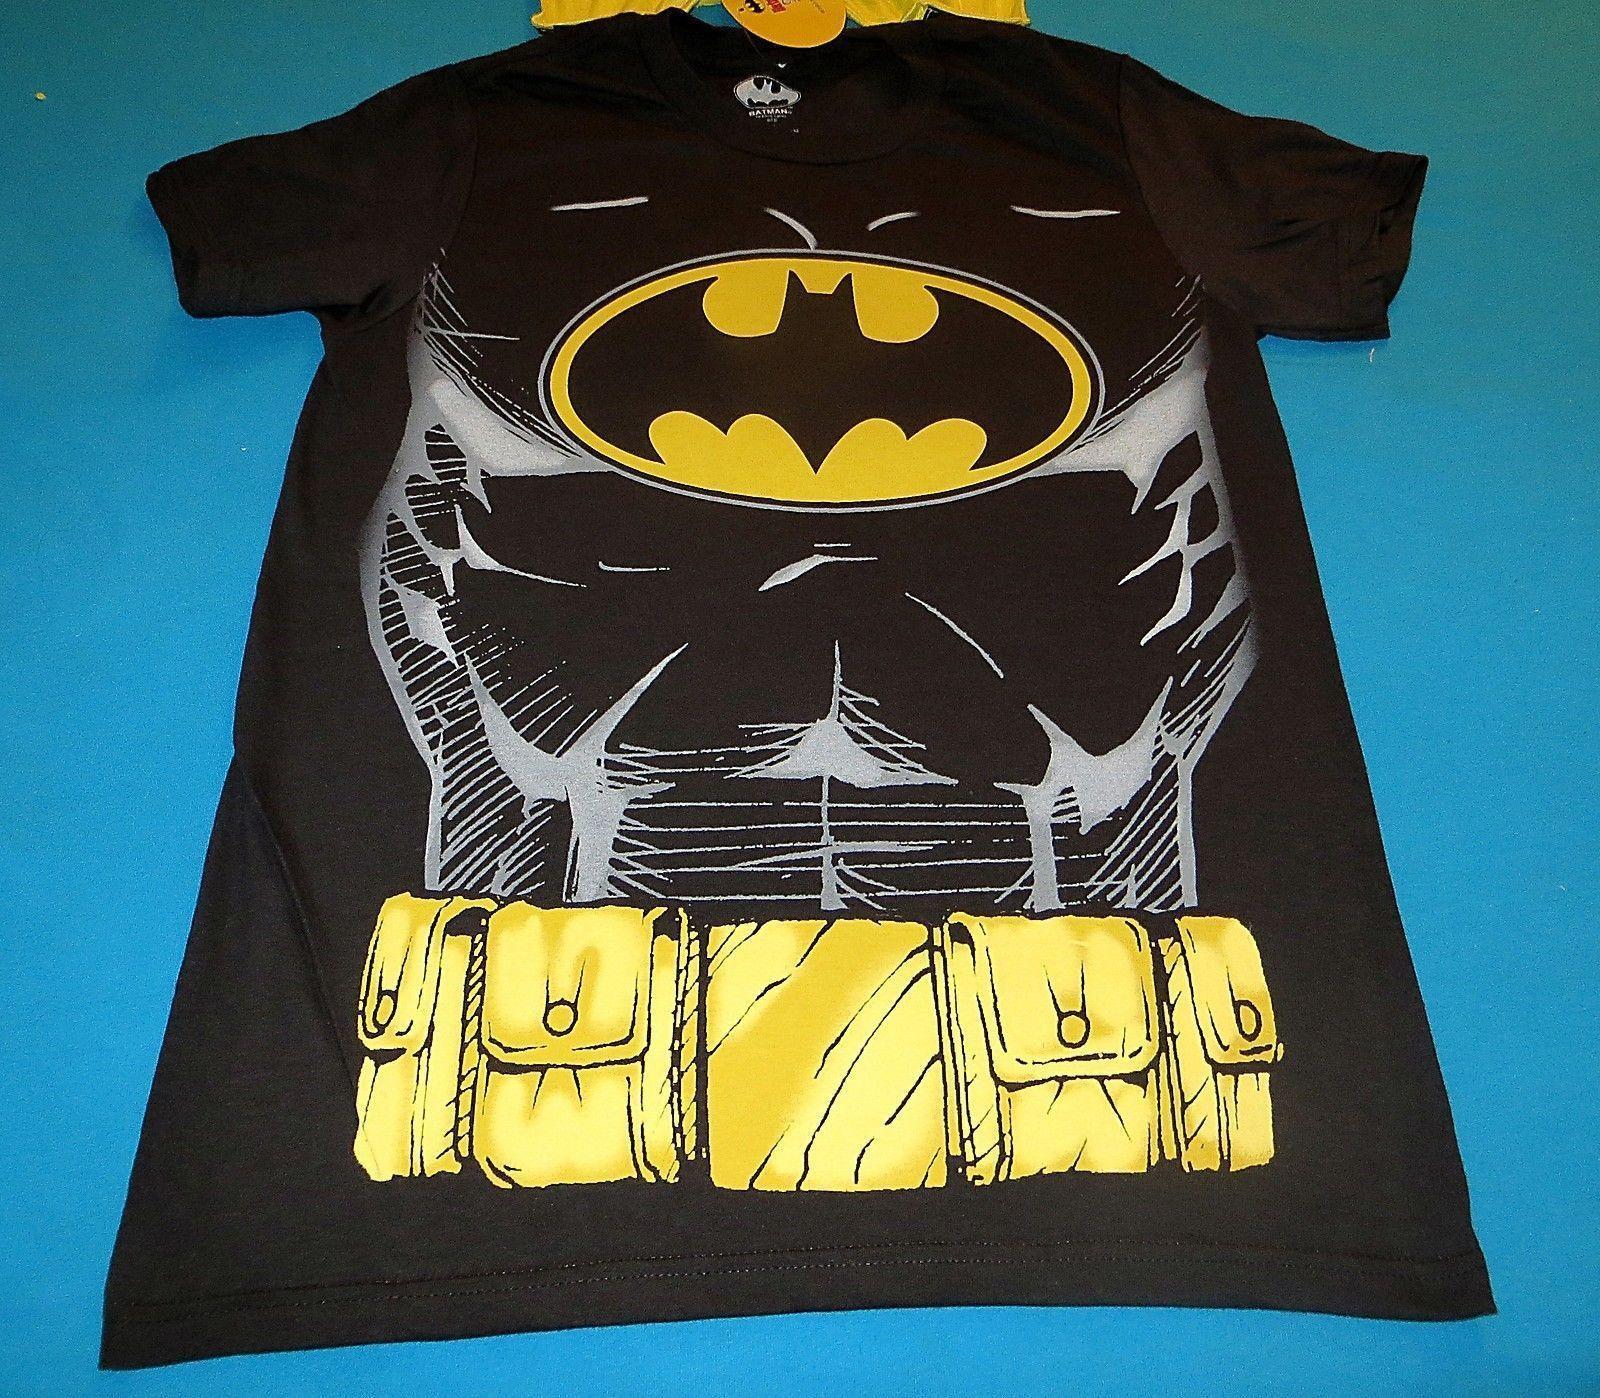 DC COMICS BATMAN SUIT & CAPE L LARGE T-SHIRT COMIC COSTUME TEE